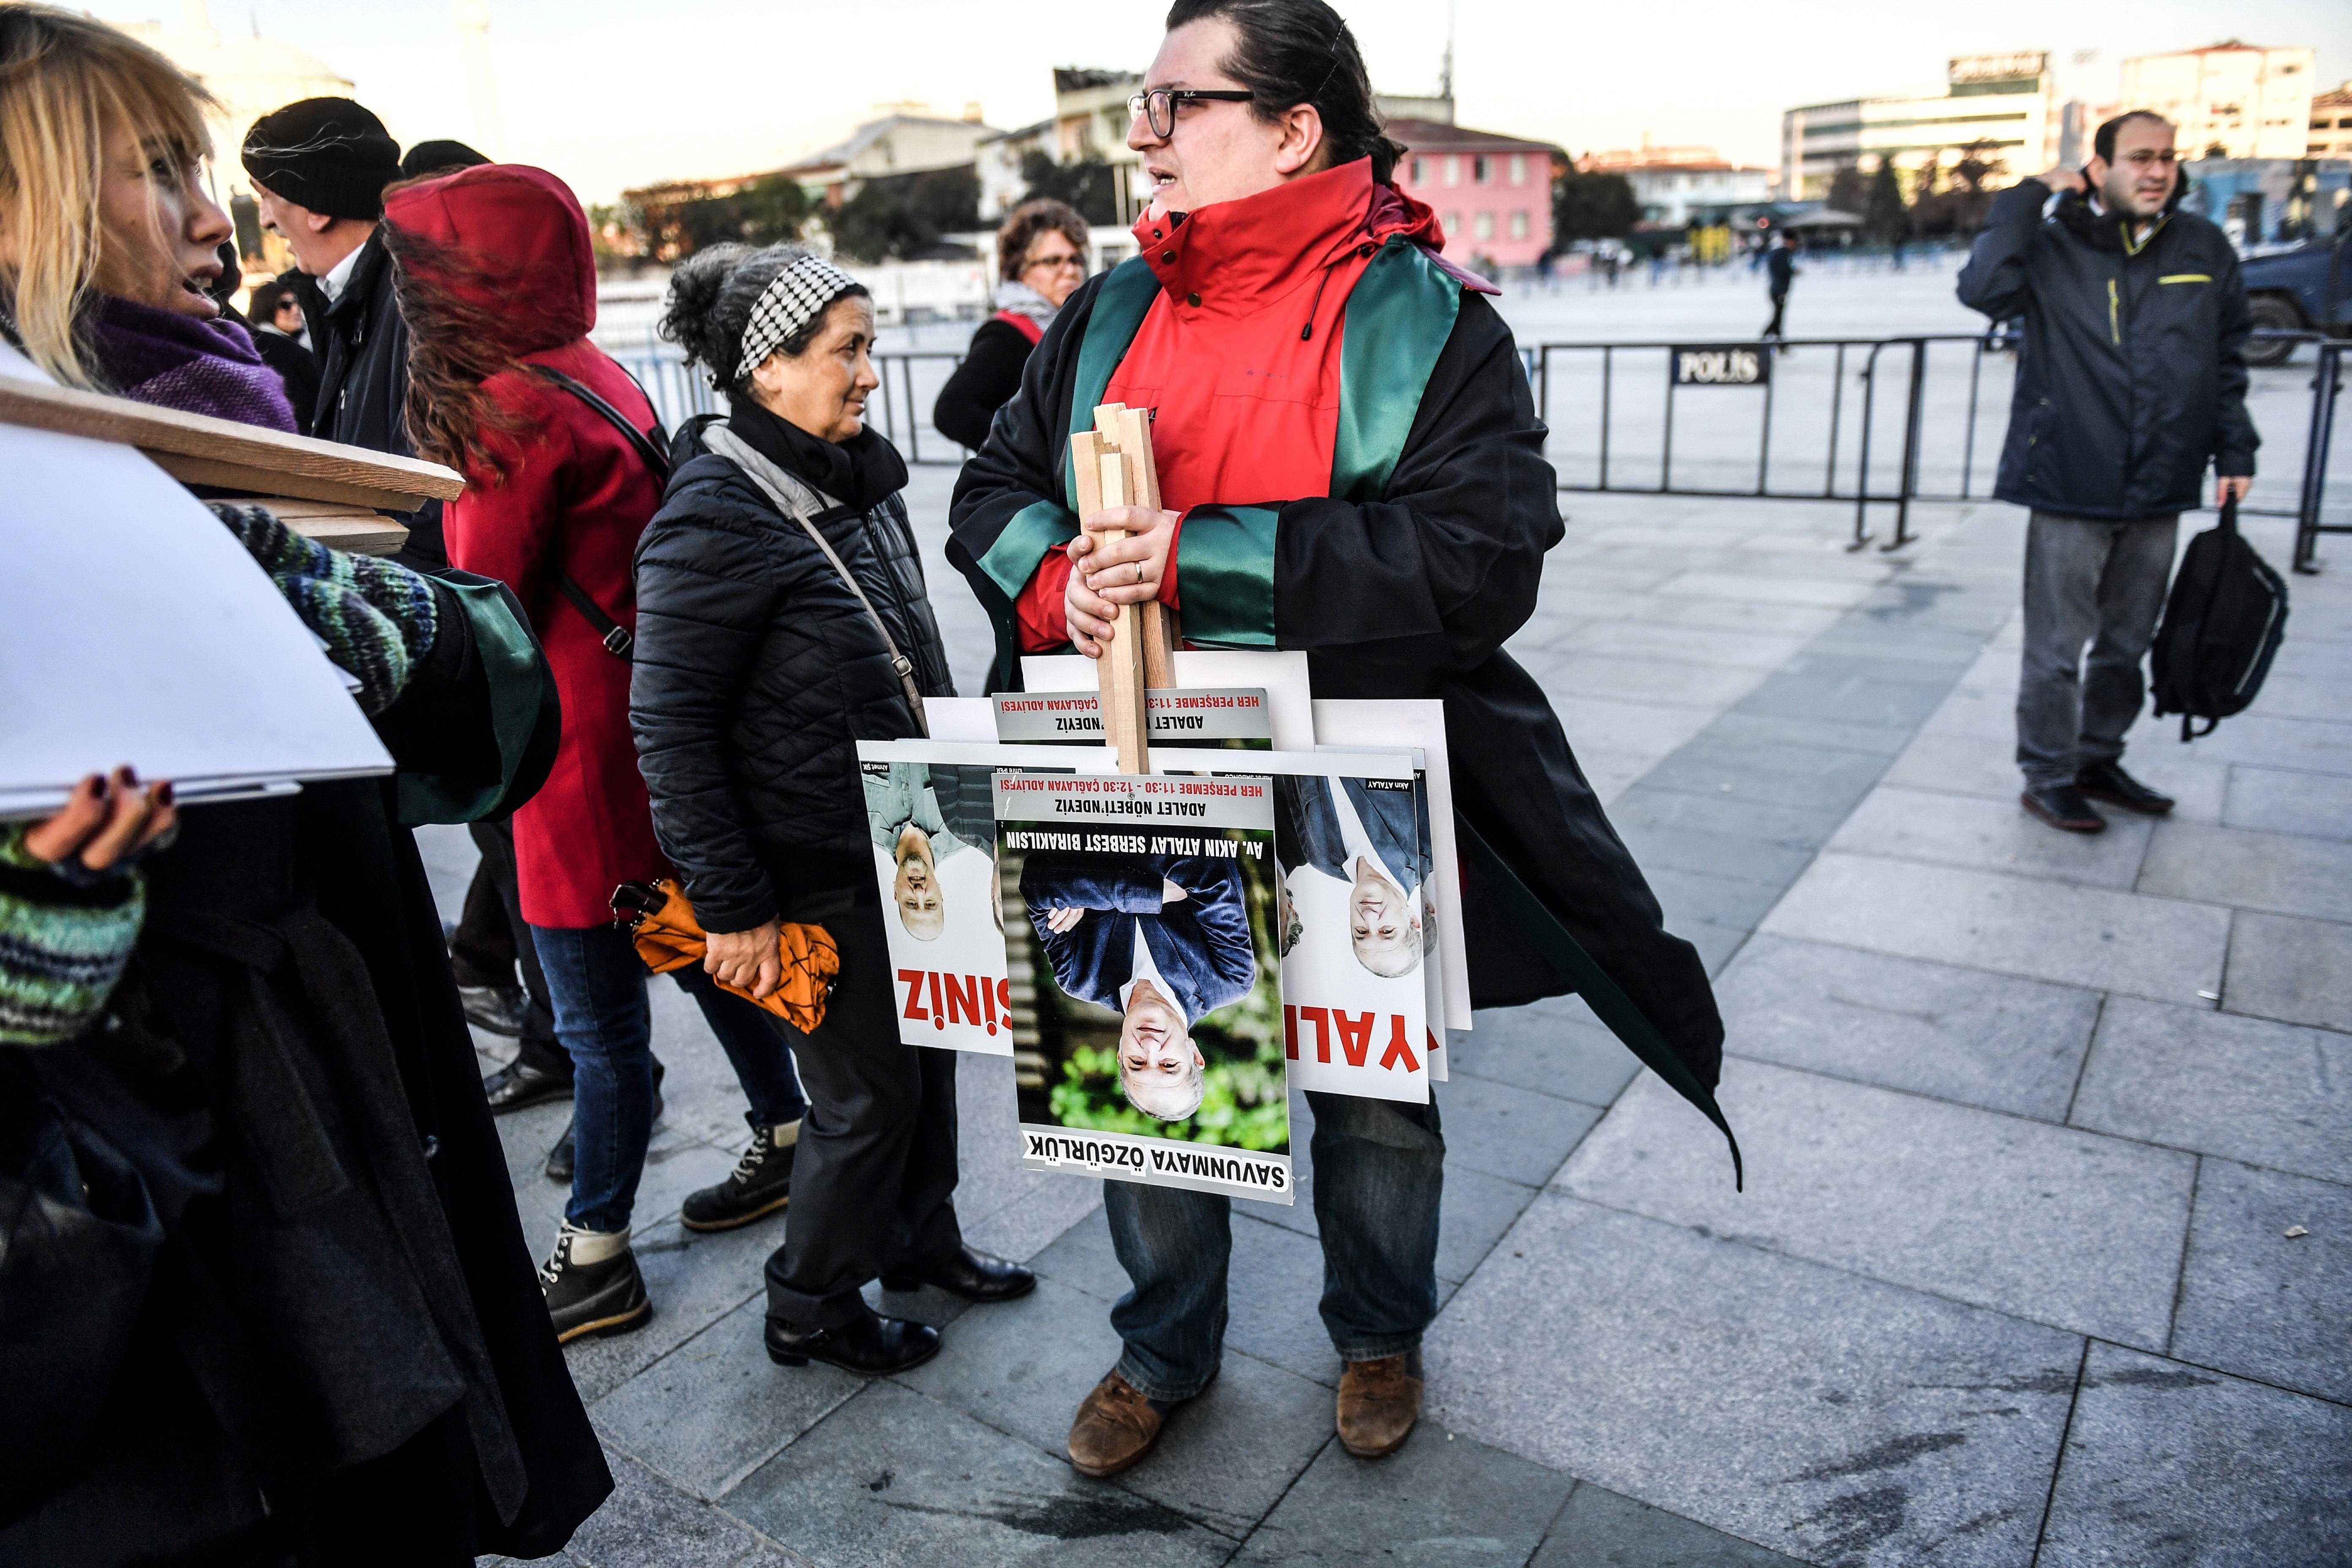 سيدة تحمل صورا لصحافيين من صحيفة 'جمهورييت' يحاكمون بتهم 'الإرهاب'